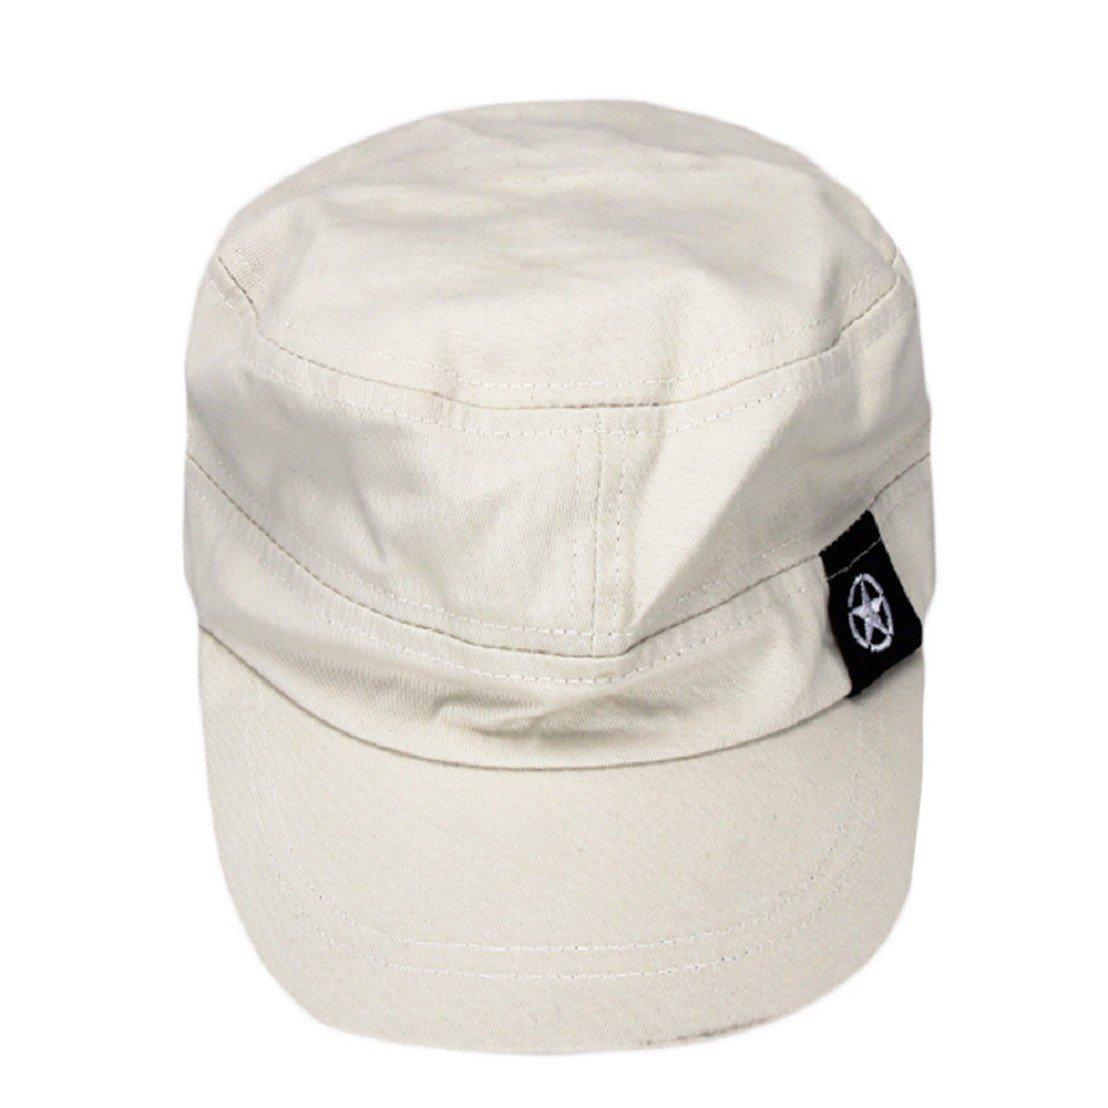 tongshi Moda Unisex tetto piano Cappello Militare cadetto Patrol Cappello  australiano Baseball Field Cap (grigio 81e21c719d55